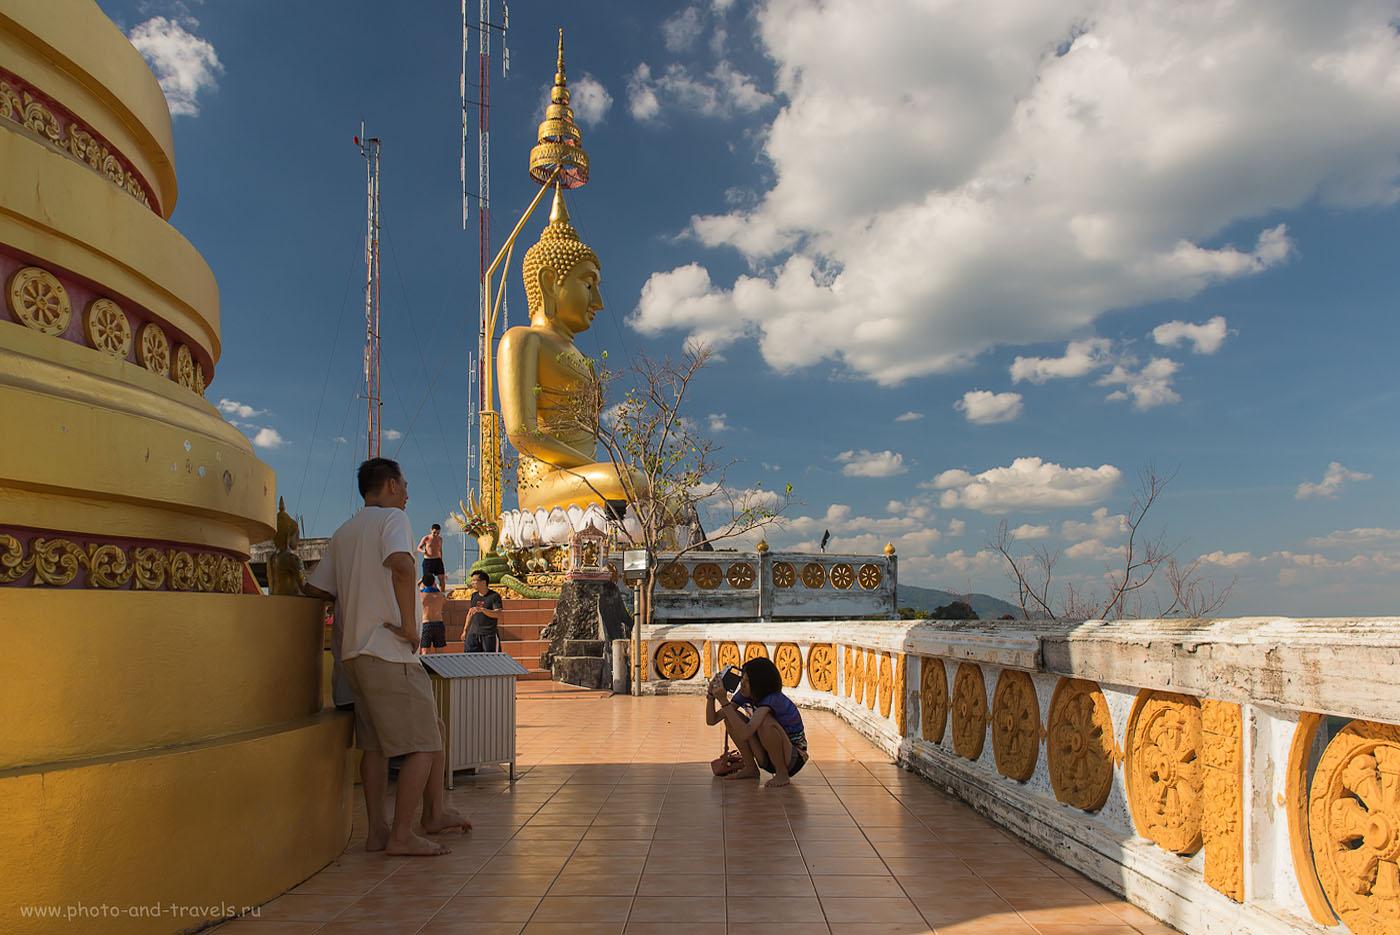 Фото 17. Золотой Будда на вершине горы у храма Wat Tham Suea. Отдых в Краби. Отзывы туристов о поездке в Таиланд самостоятельно